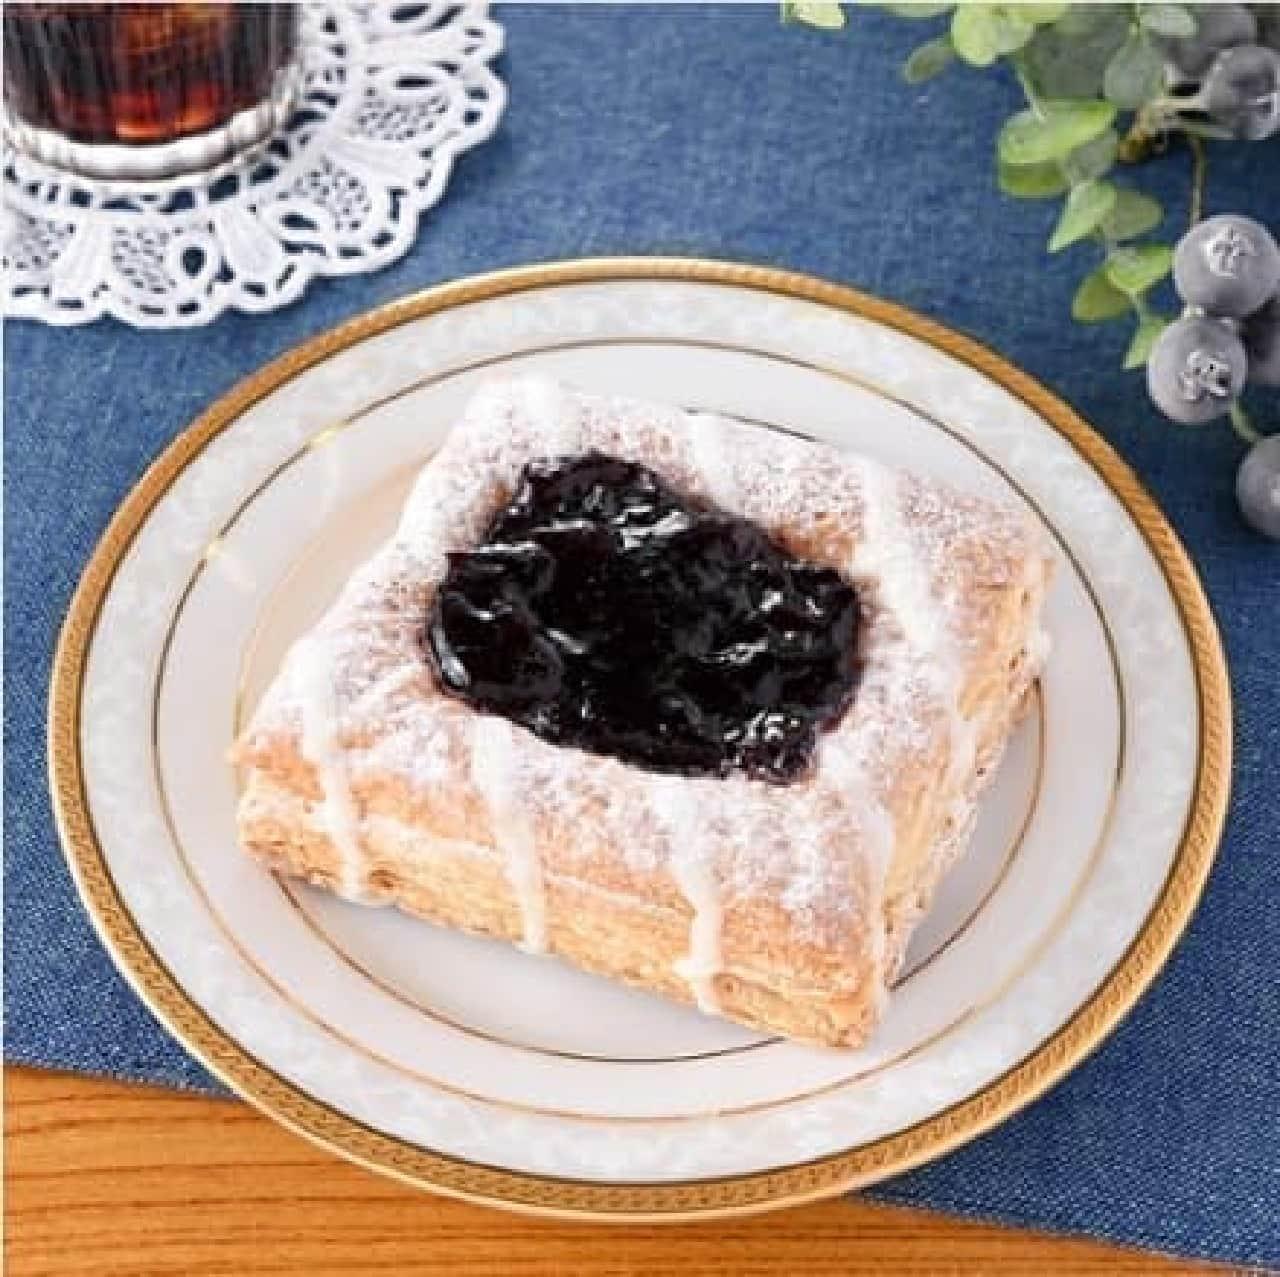 ファミリーマート「フルーツパイ(ブルーベリー&フロマージュクリーム)」